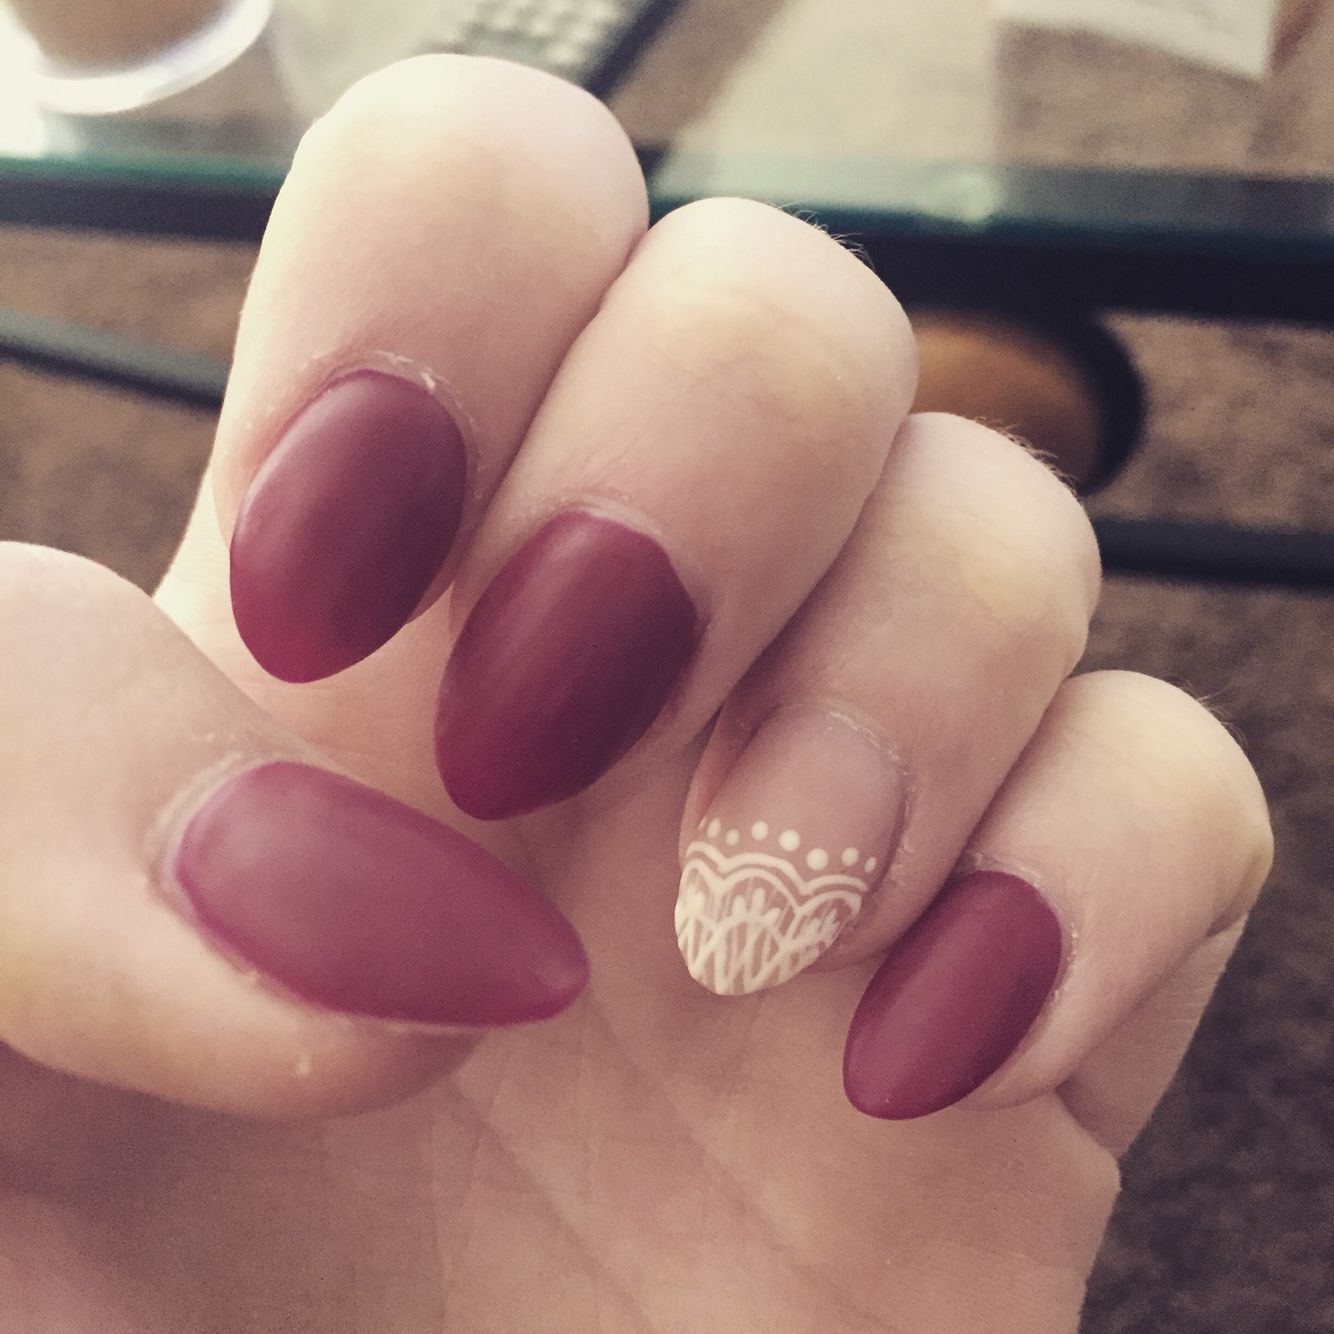 Matte Lace nails #Matte #FallNails #Lace